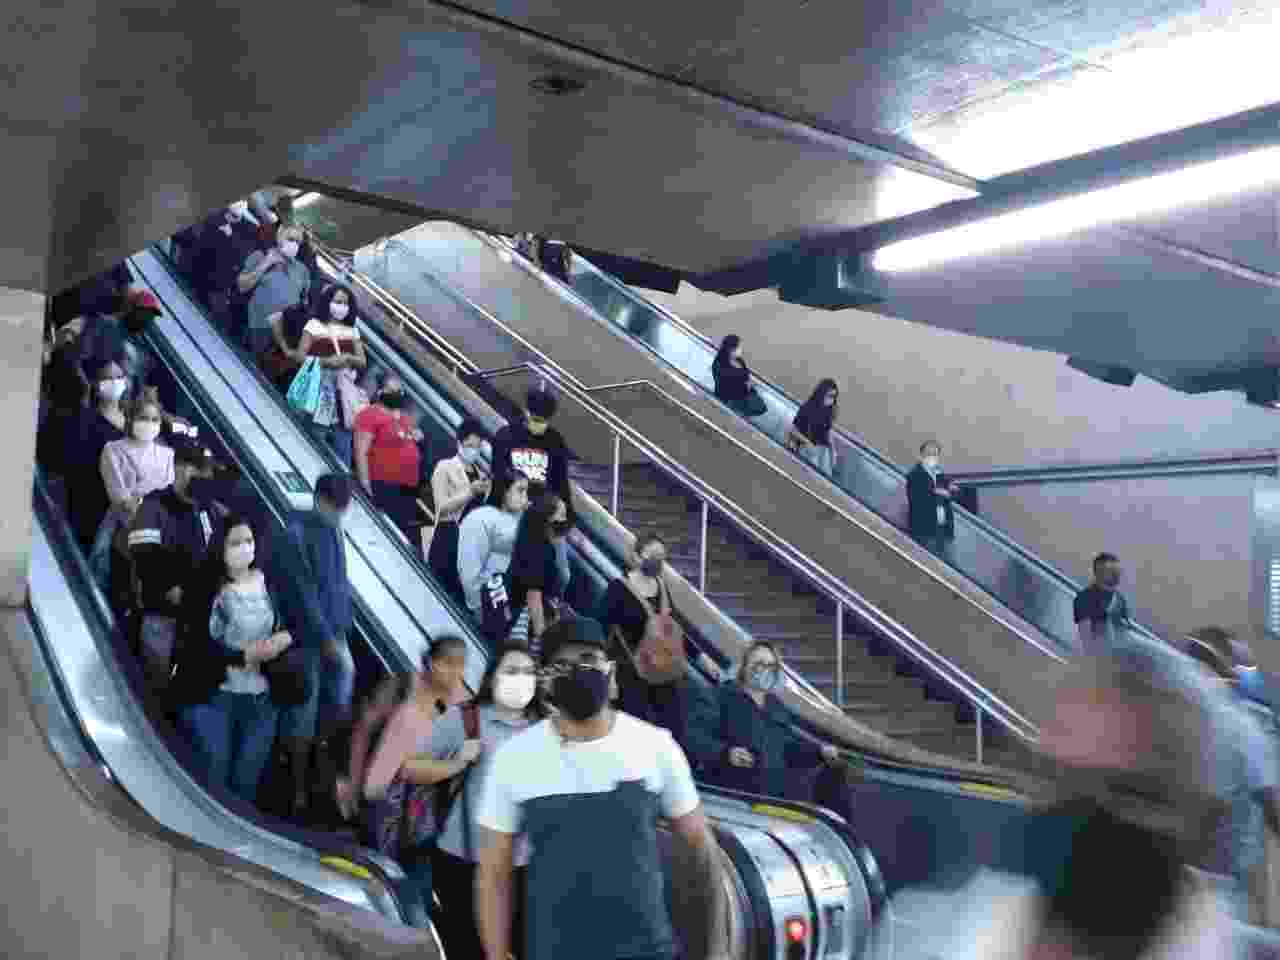 Estação Sé, acesso para a plataforma Jabaquara - Marcelo Oliveira/UOL